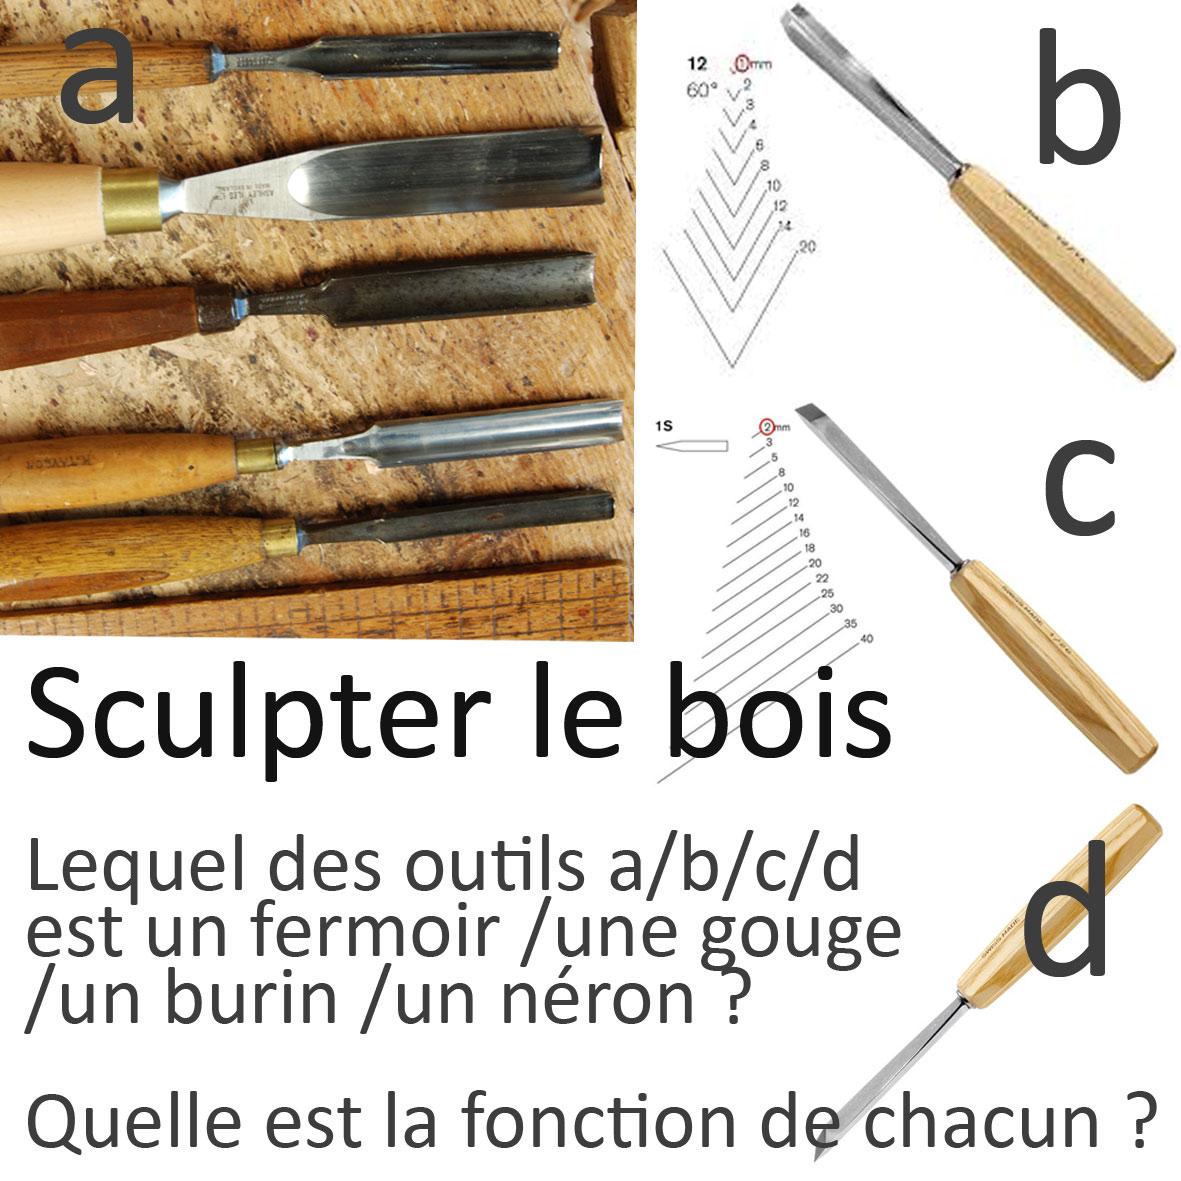 Quiz sculpter le bois  cest quoi ces outils ?  Ecoute le Bois ~ Sculpter Le Bois